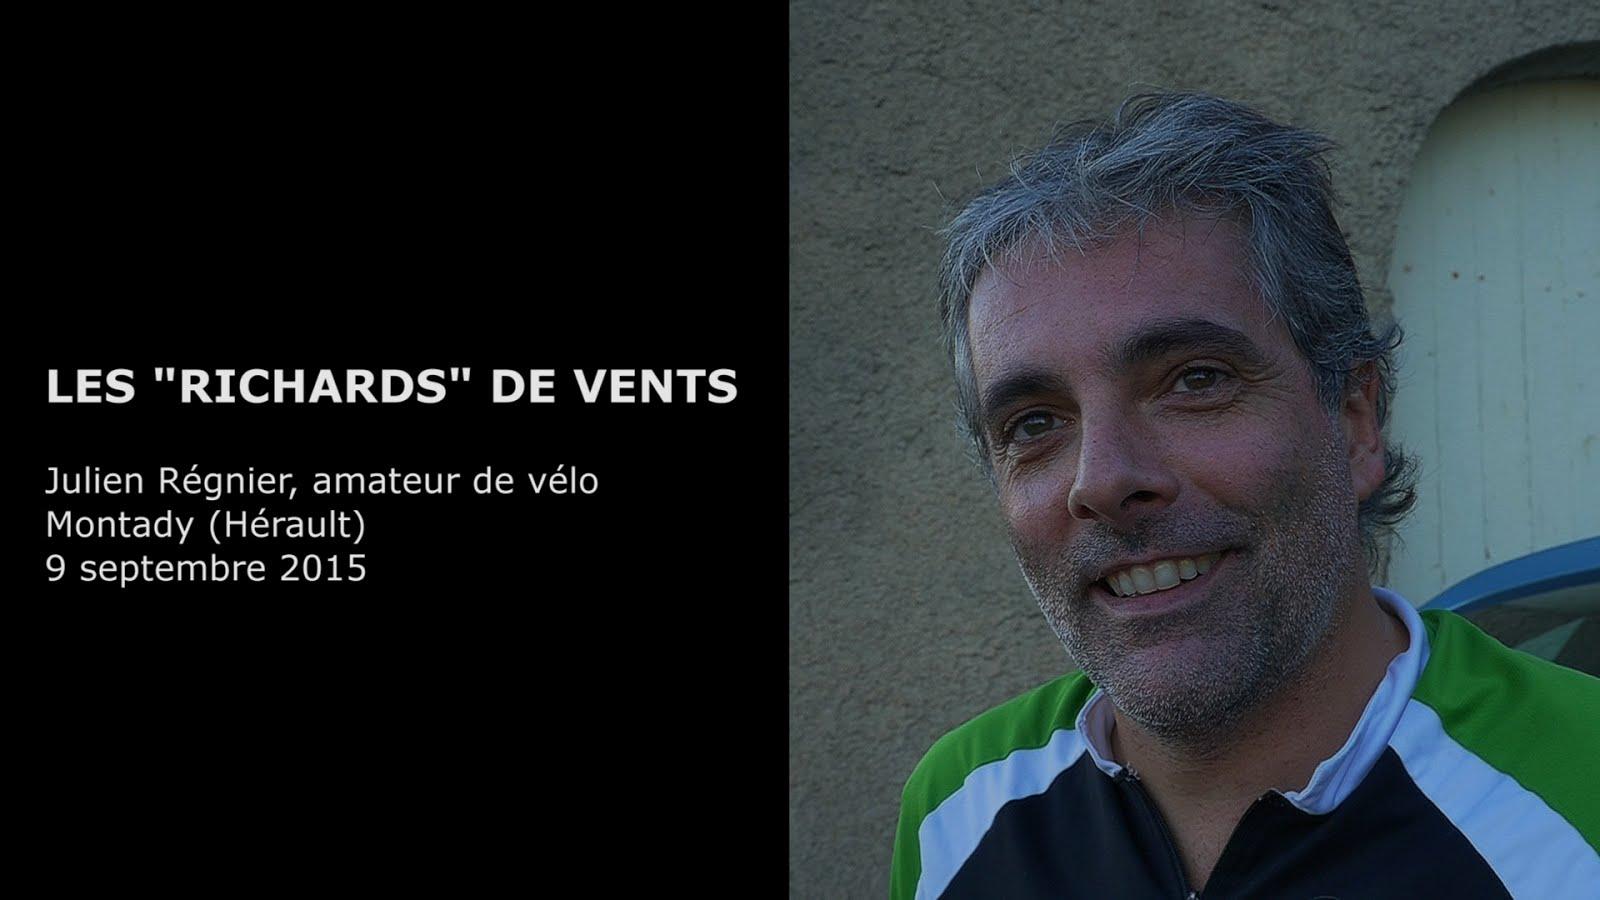 Julien Régnier - amateur de vélo